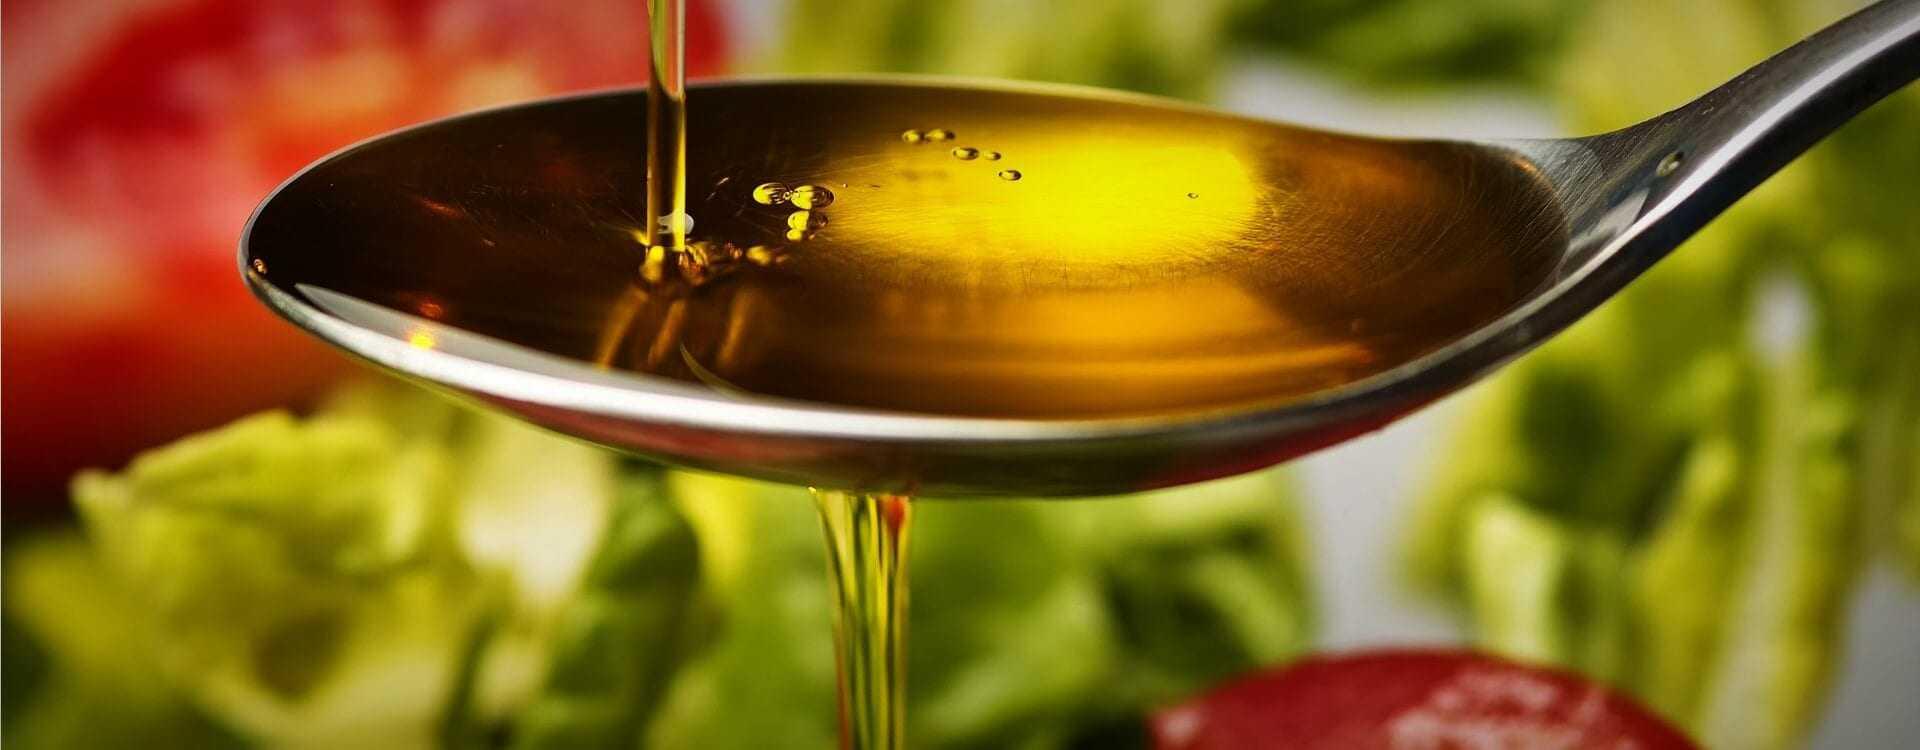 Rancid Olive Oil